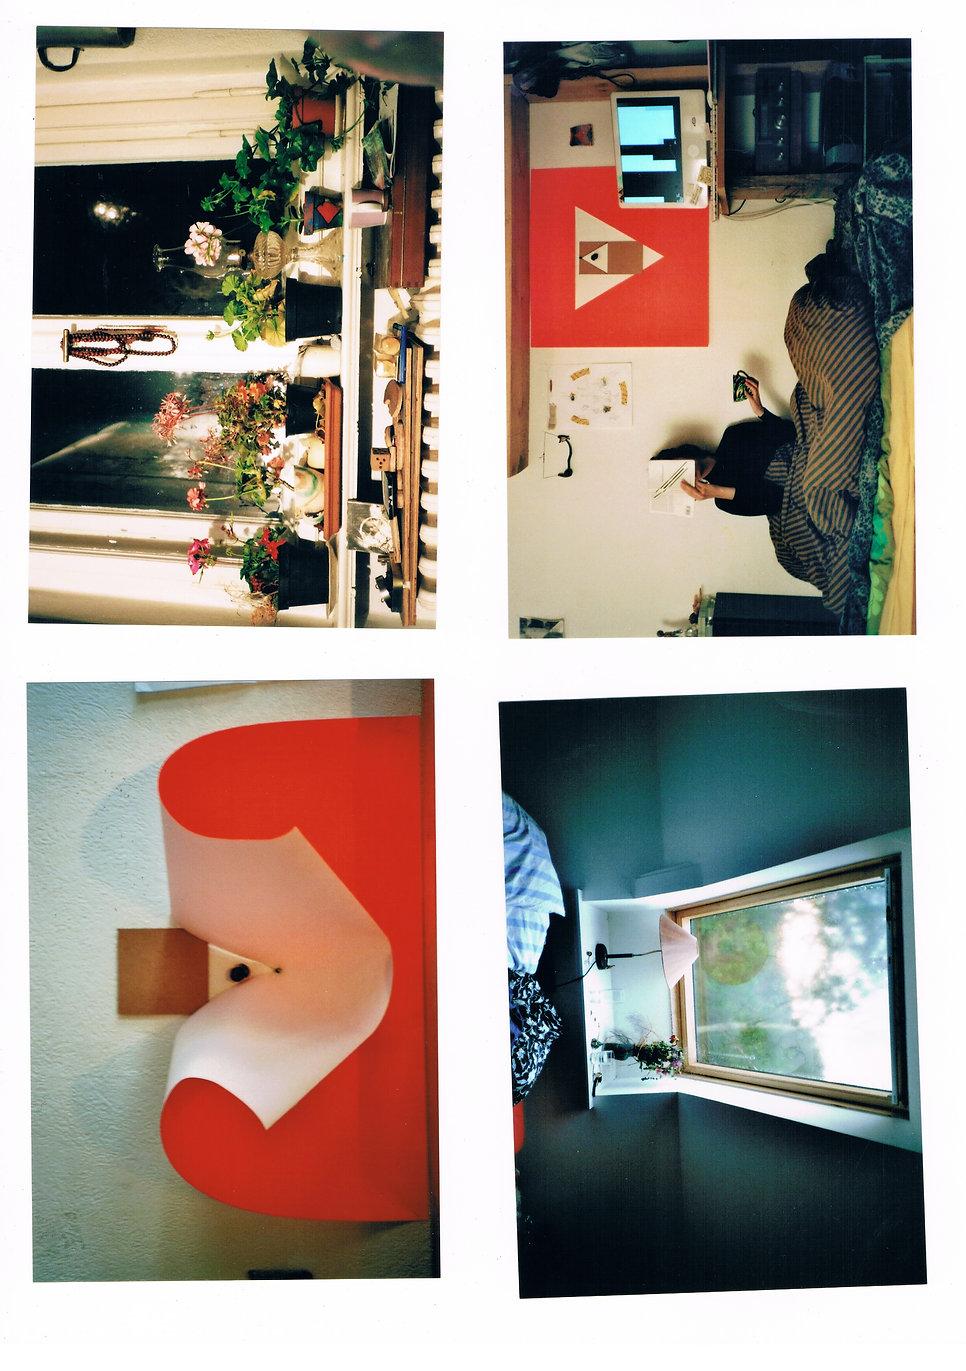 fotos 2.jpeg